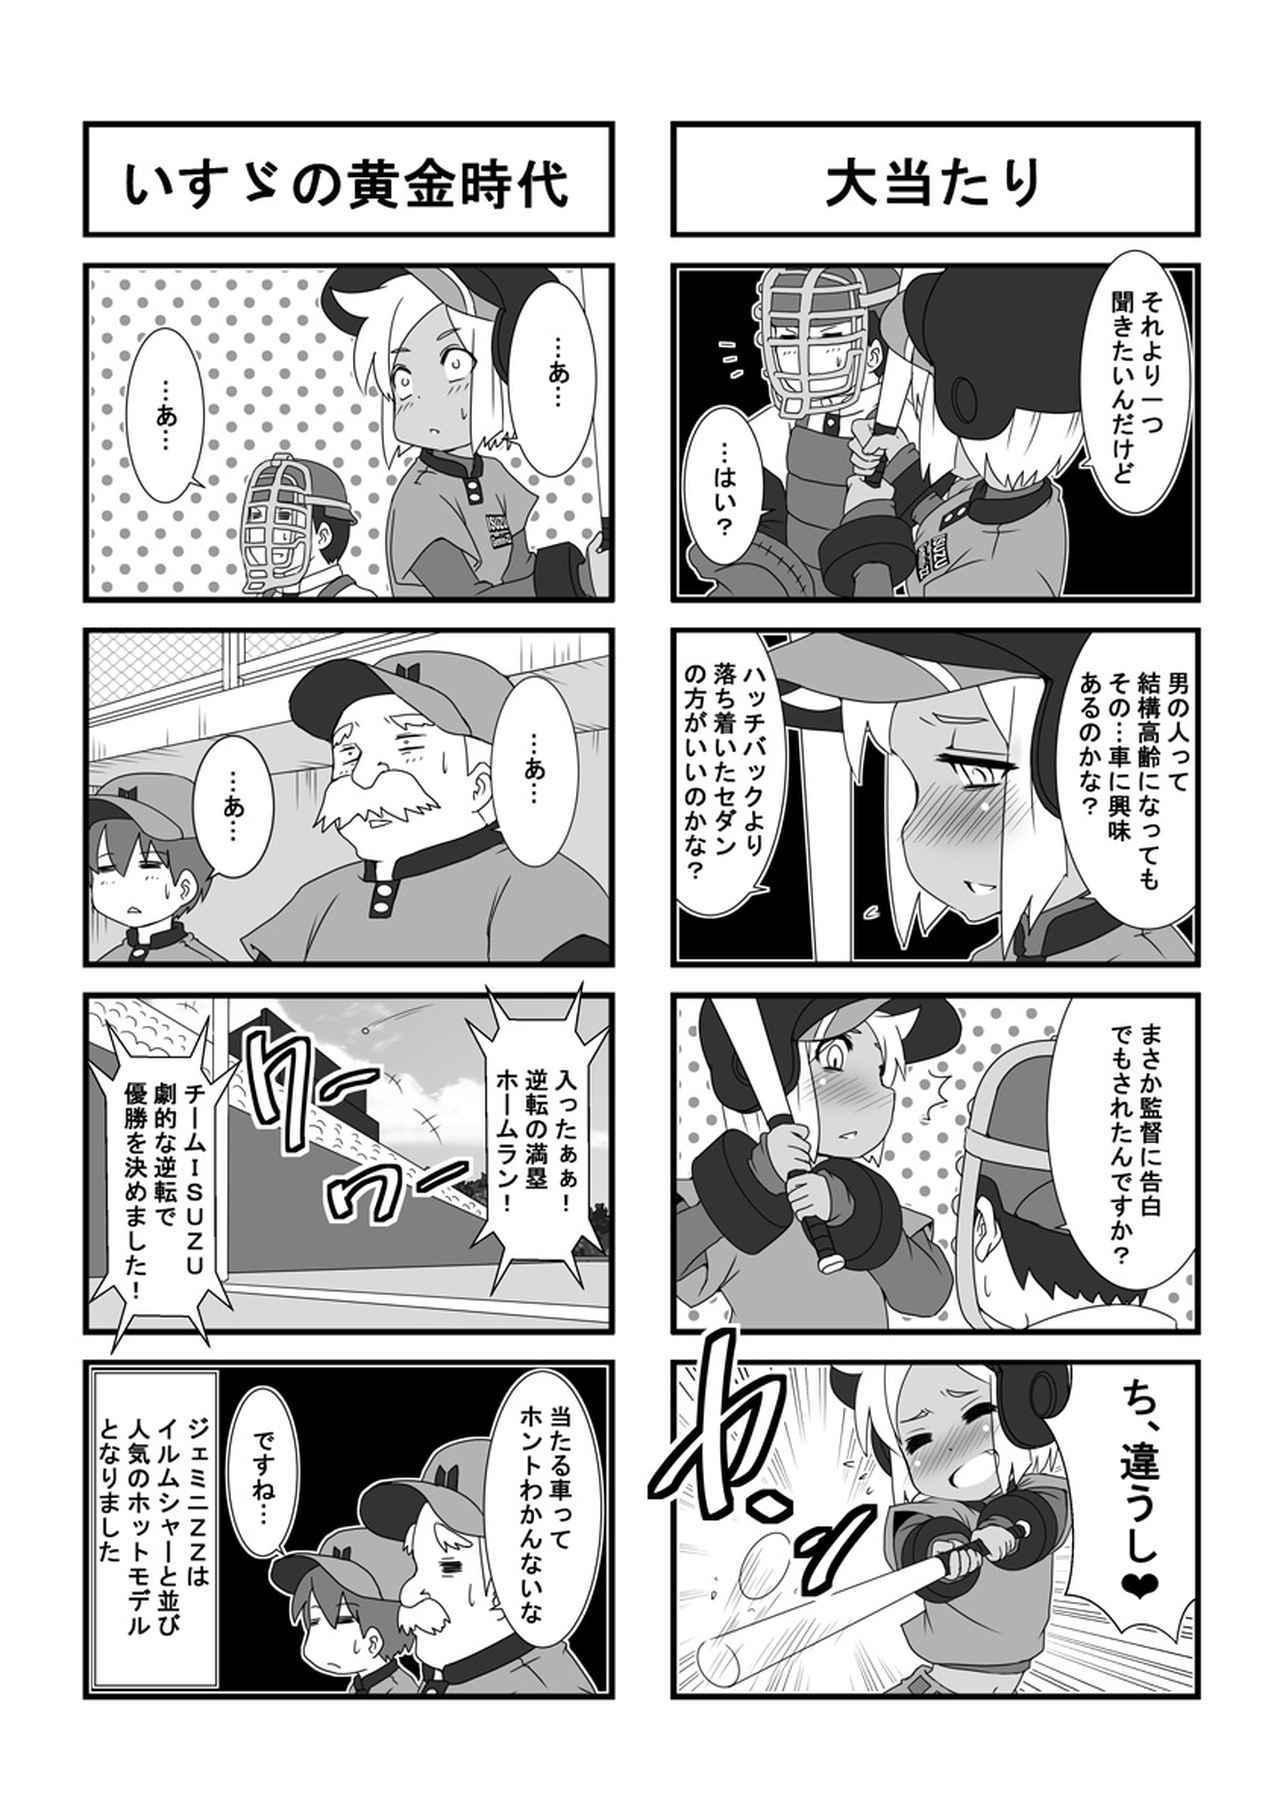 ウチクル!?第31話「いすゞ ジェミニZZ ハンドリング byロータスがこんなに可愛いわけがない!?」クルマ擬人化マンガ